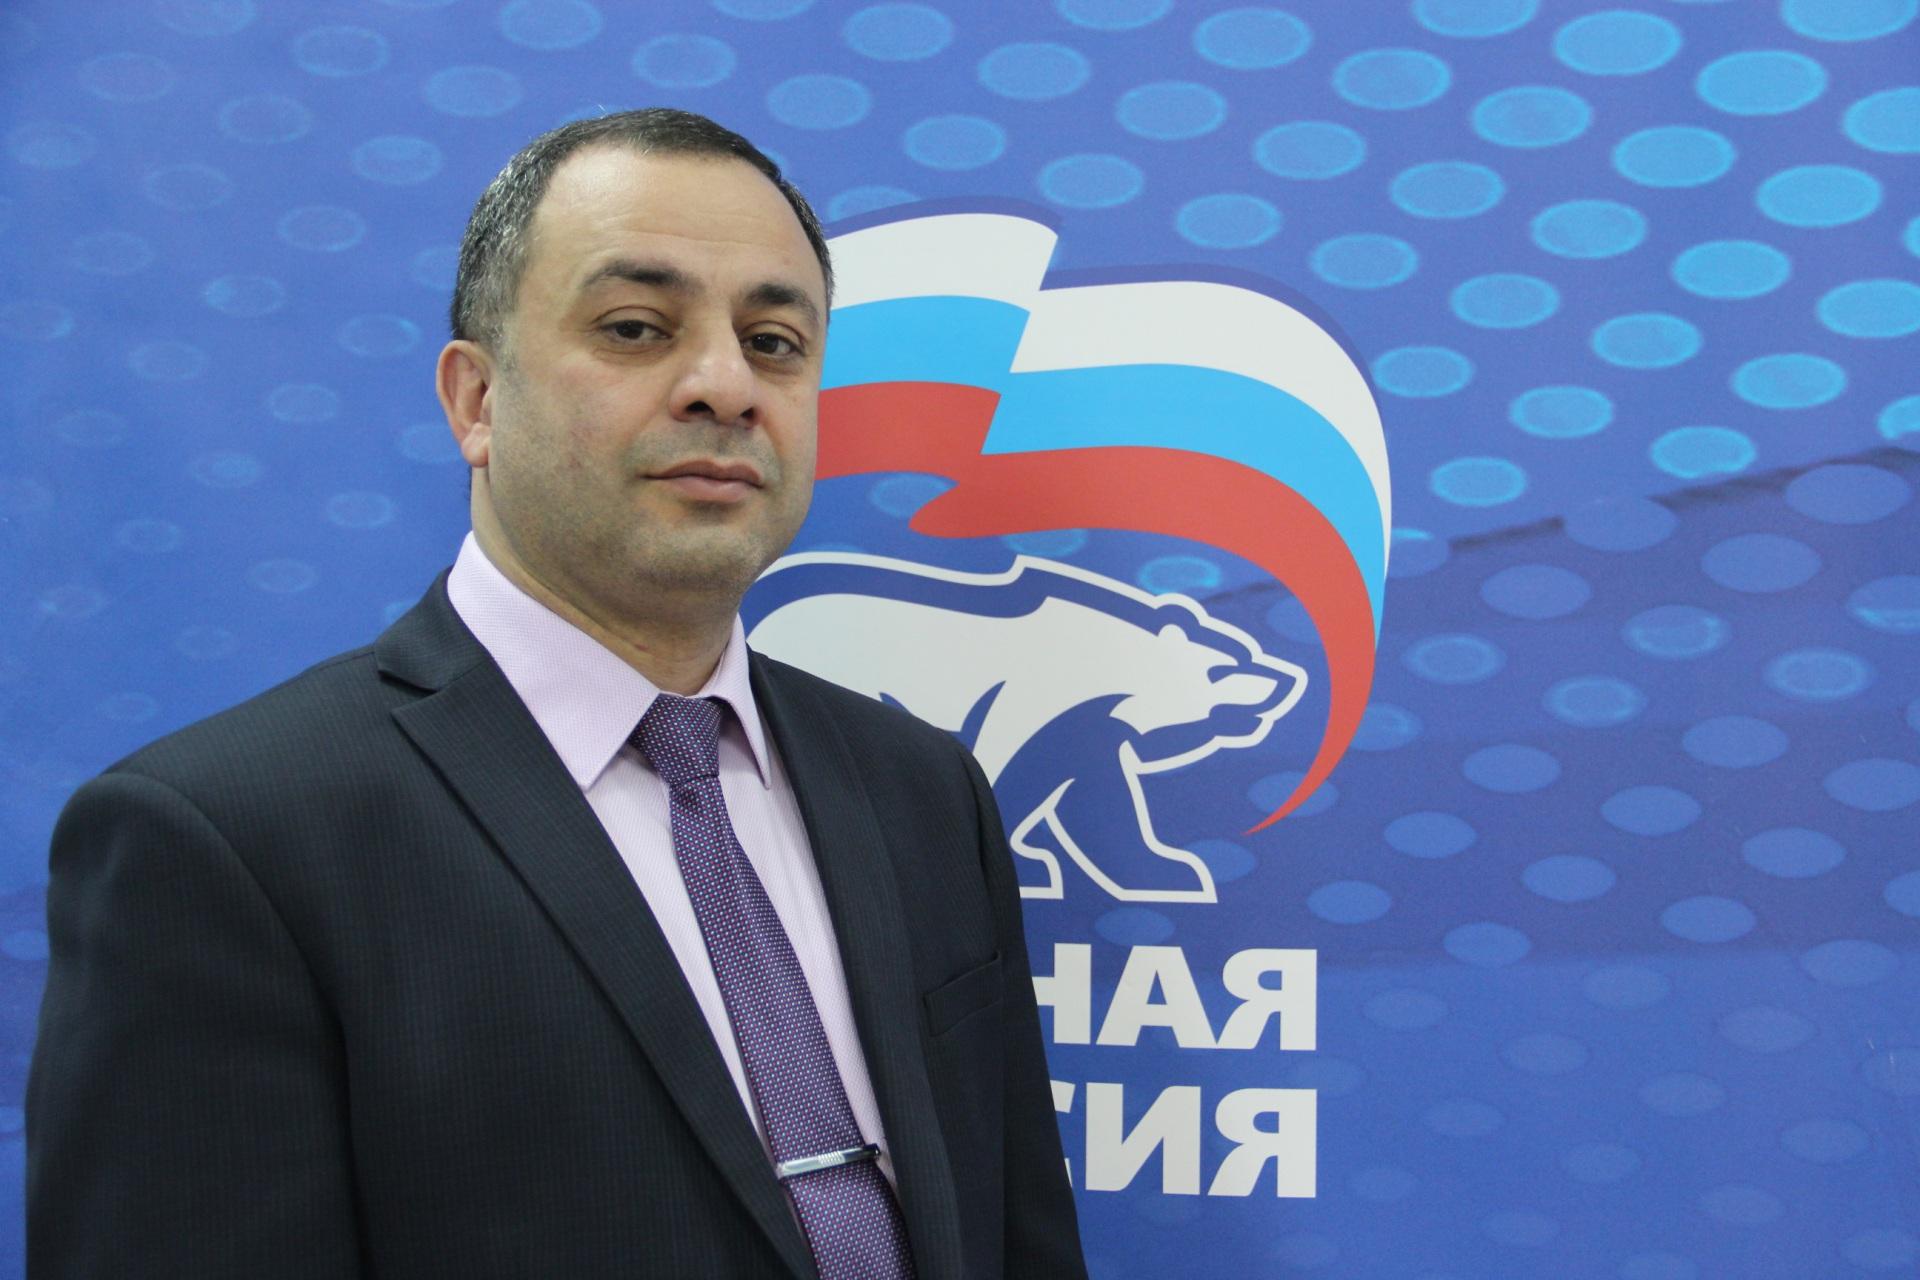 Предприниматель Ахмедага Ахмедов хочет представлять Коми в Государственной Думе